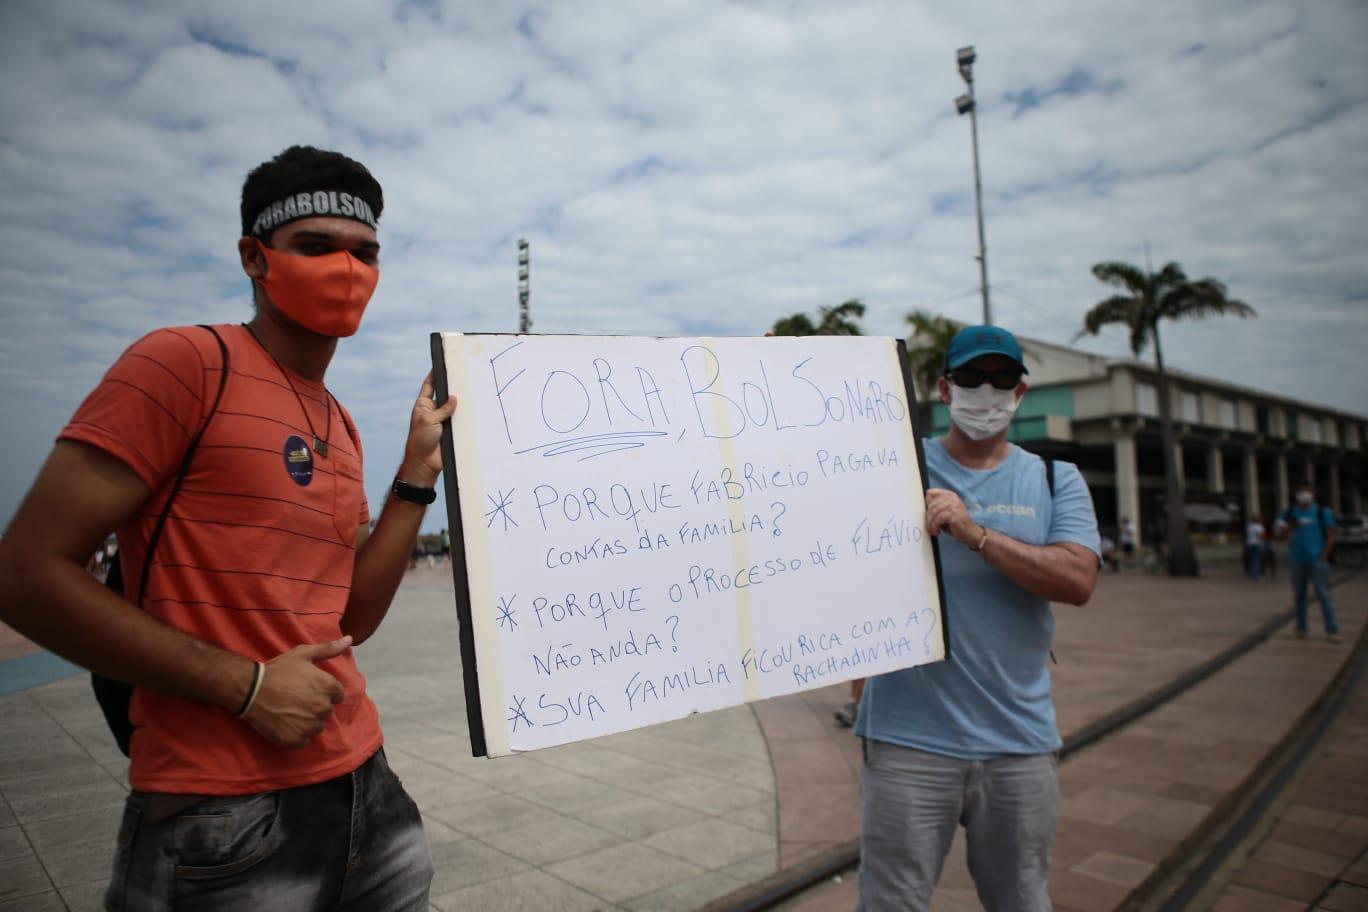 Além do MBL, Livres e UJS, seis organizações e três partidos políticos haviam confirmado a participação no protesto deste domingo. (Arnaldo Sete/Esp. DP Foto)